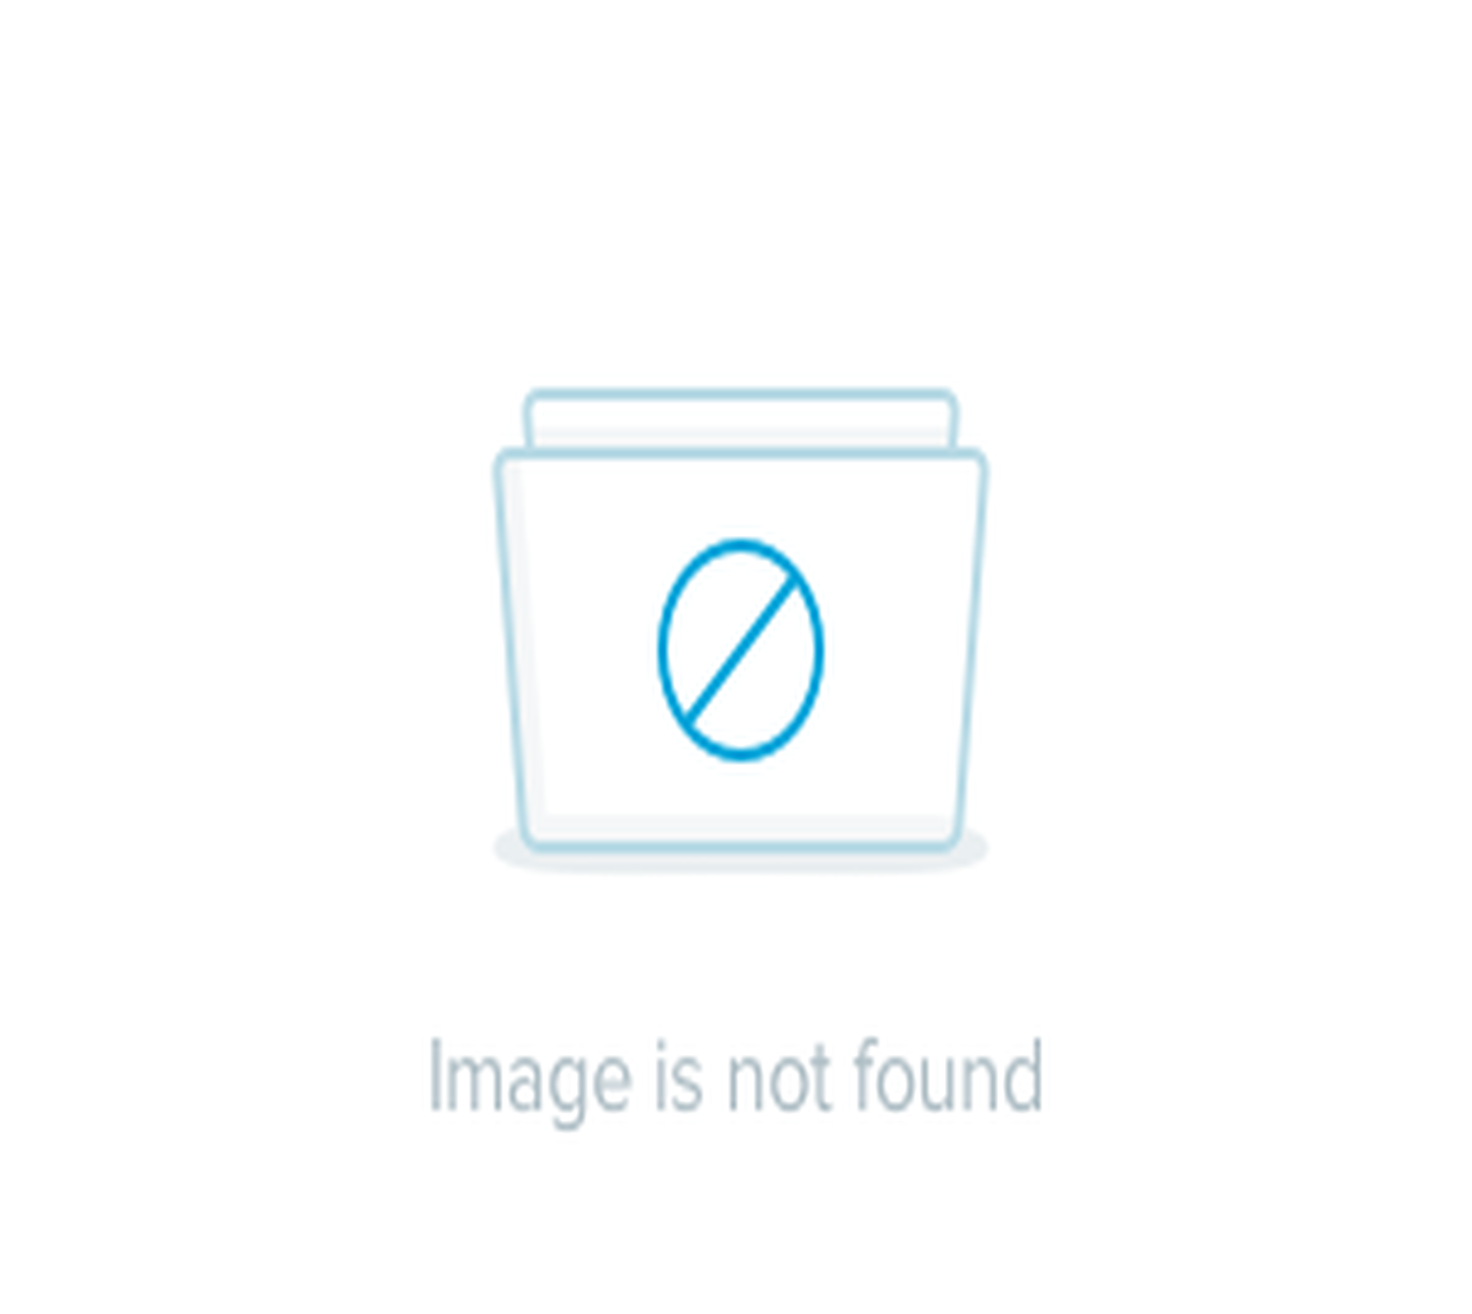 Ключовий парламентер президента Єрмак займає позицію, що Путін не винуватий у війні на Донбасі, - Герасимов - Цензор.НЕТ 4564